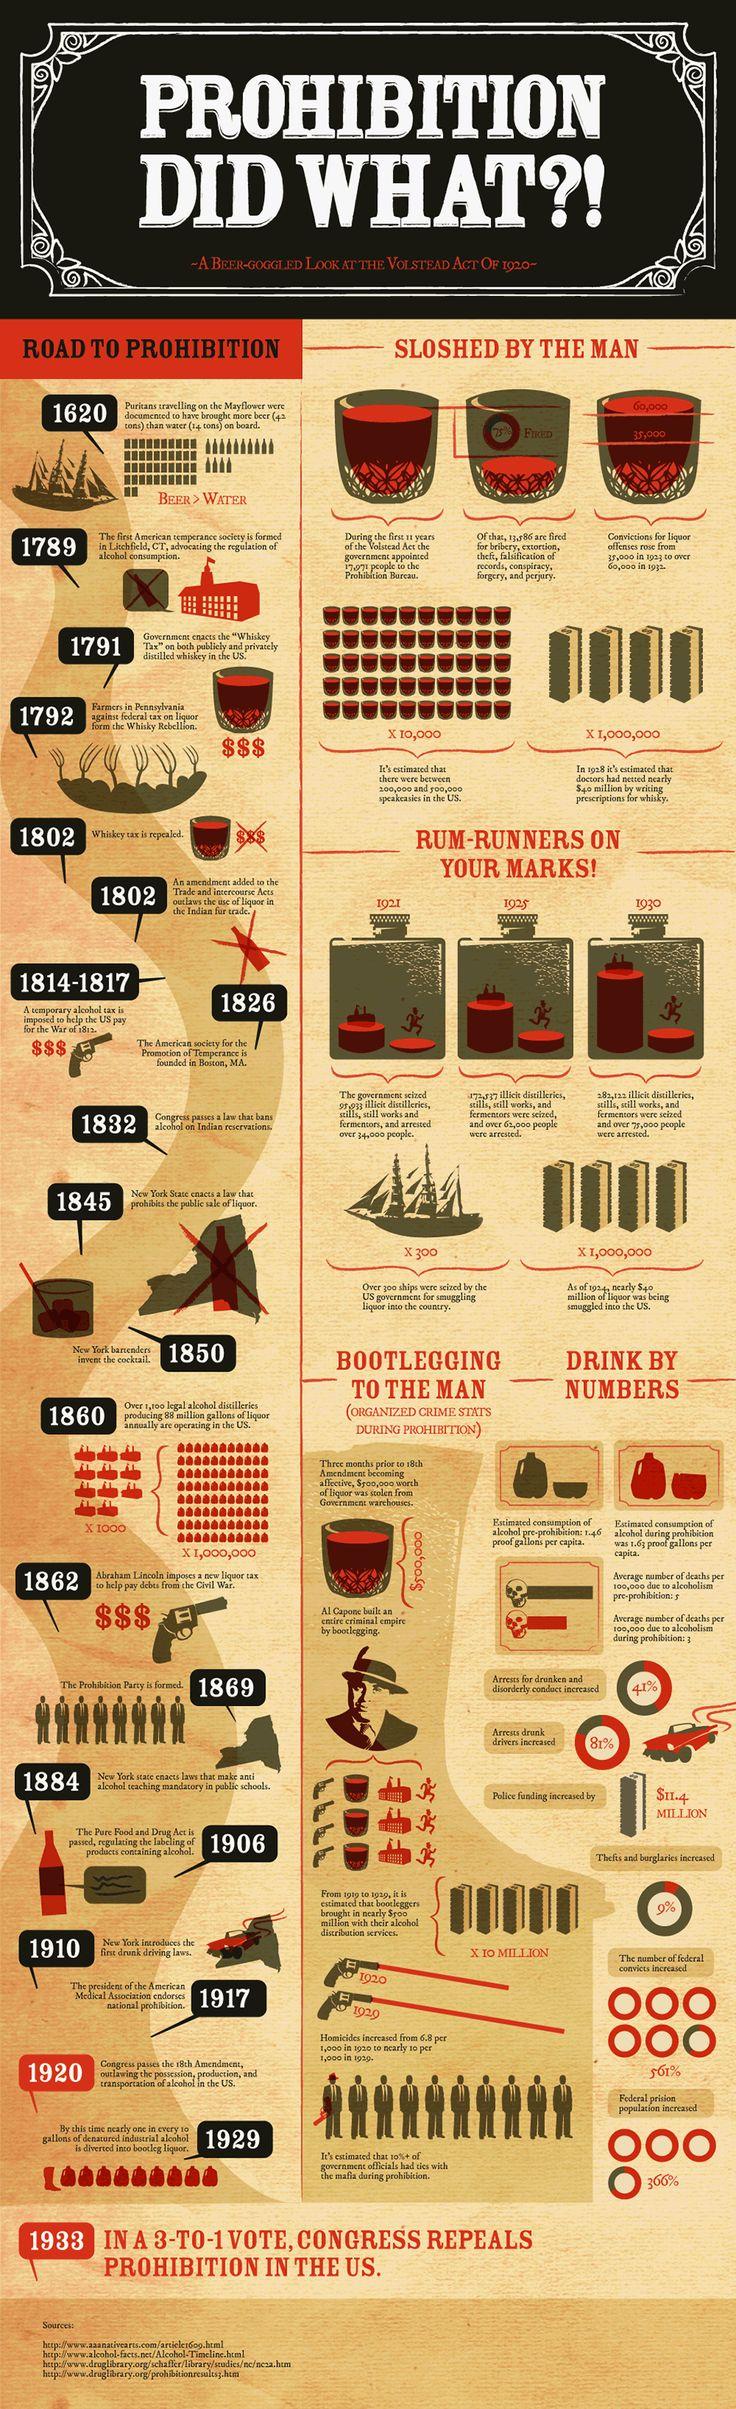 Diese Infografik zur Prohibition in den Vereinigten Staaten von 1920 bis 1933 zeigt den Weg dorthin (linke Spalte), sowie Auswirkungen wie Verbrechen, Schmuggel etc. Erklärung nach Wikipedia: Die Prohibition in den Vereinigten Staaten war das landesweite Verbot des Verkaufs, der Herstellung und des Transports von Alkohol durch den 18. Zusatzartikel zur Verfassung der Vereinigten Staaten … Prohibition in den Vereinigten Staaten weiterlesen →